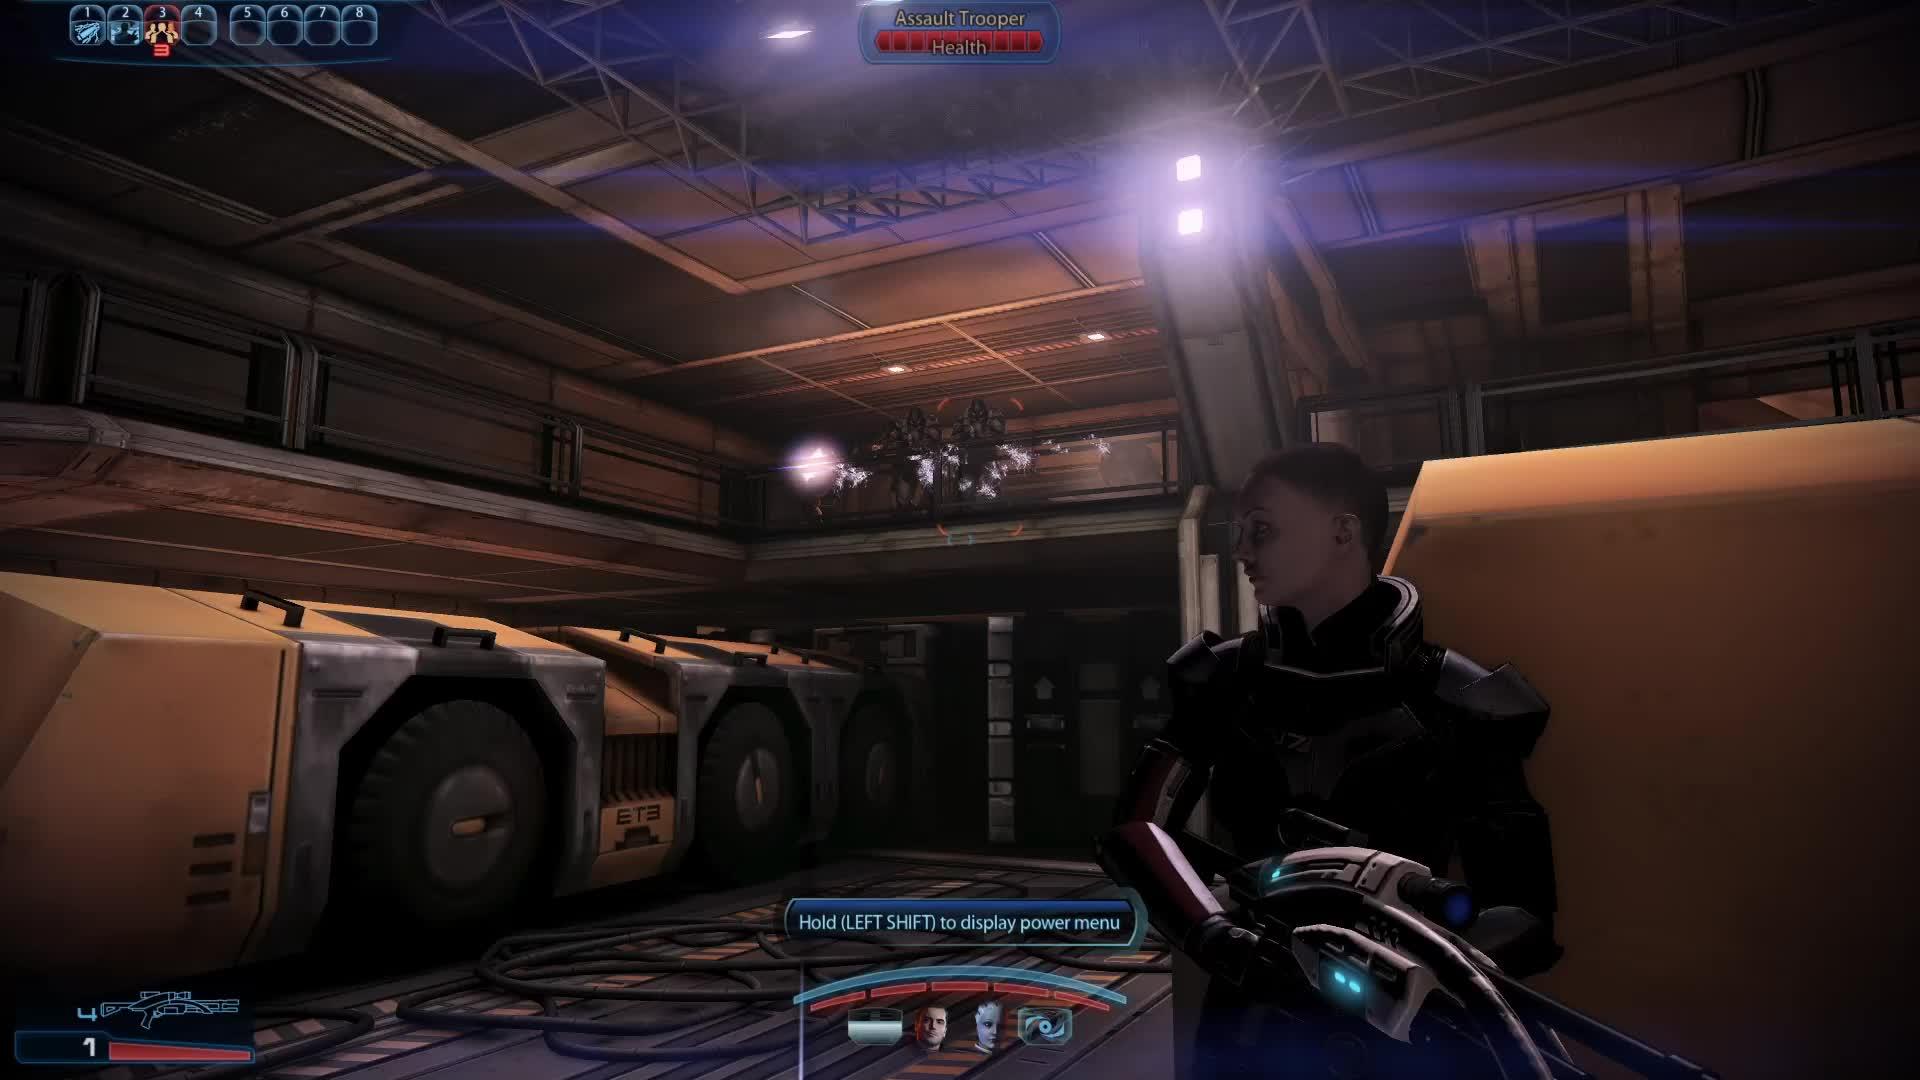 SteamController, steamcontroller, Mass Effect 3 - Steam Controller Radial Menu GIFs